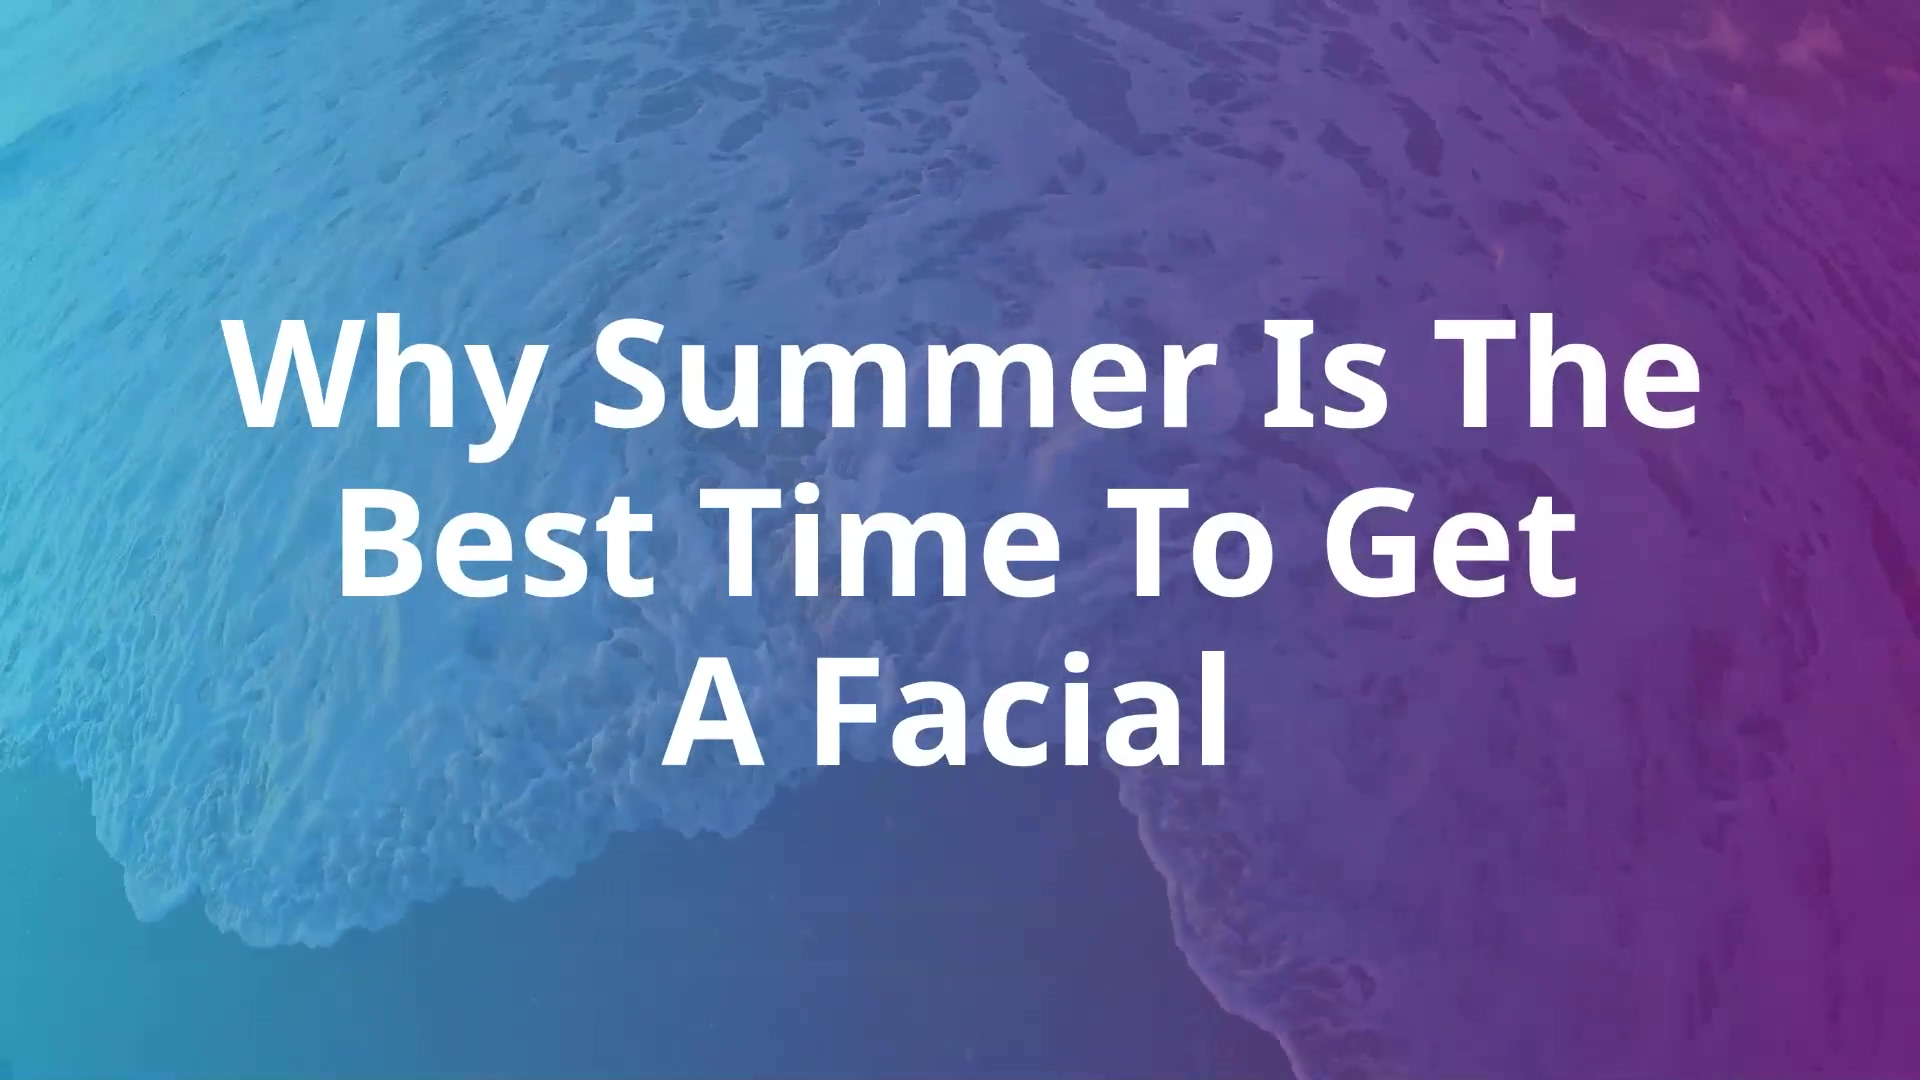 summer-facials-benefits(proffer)